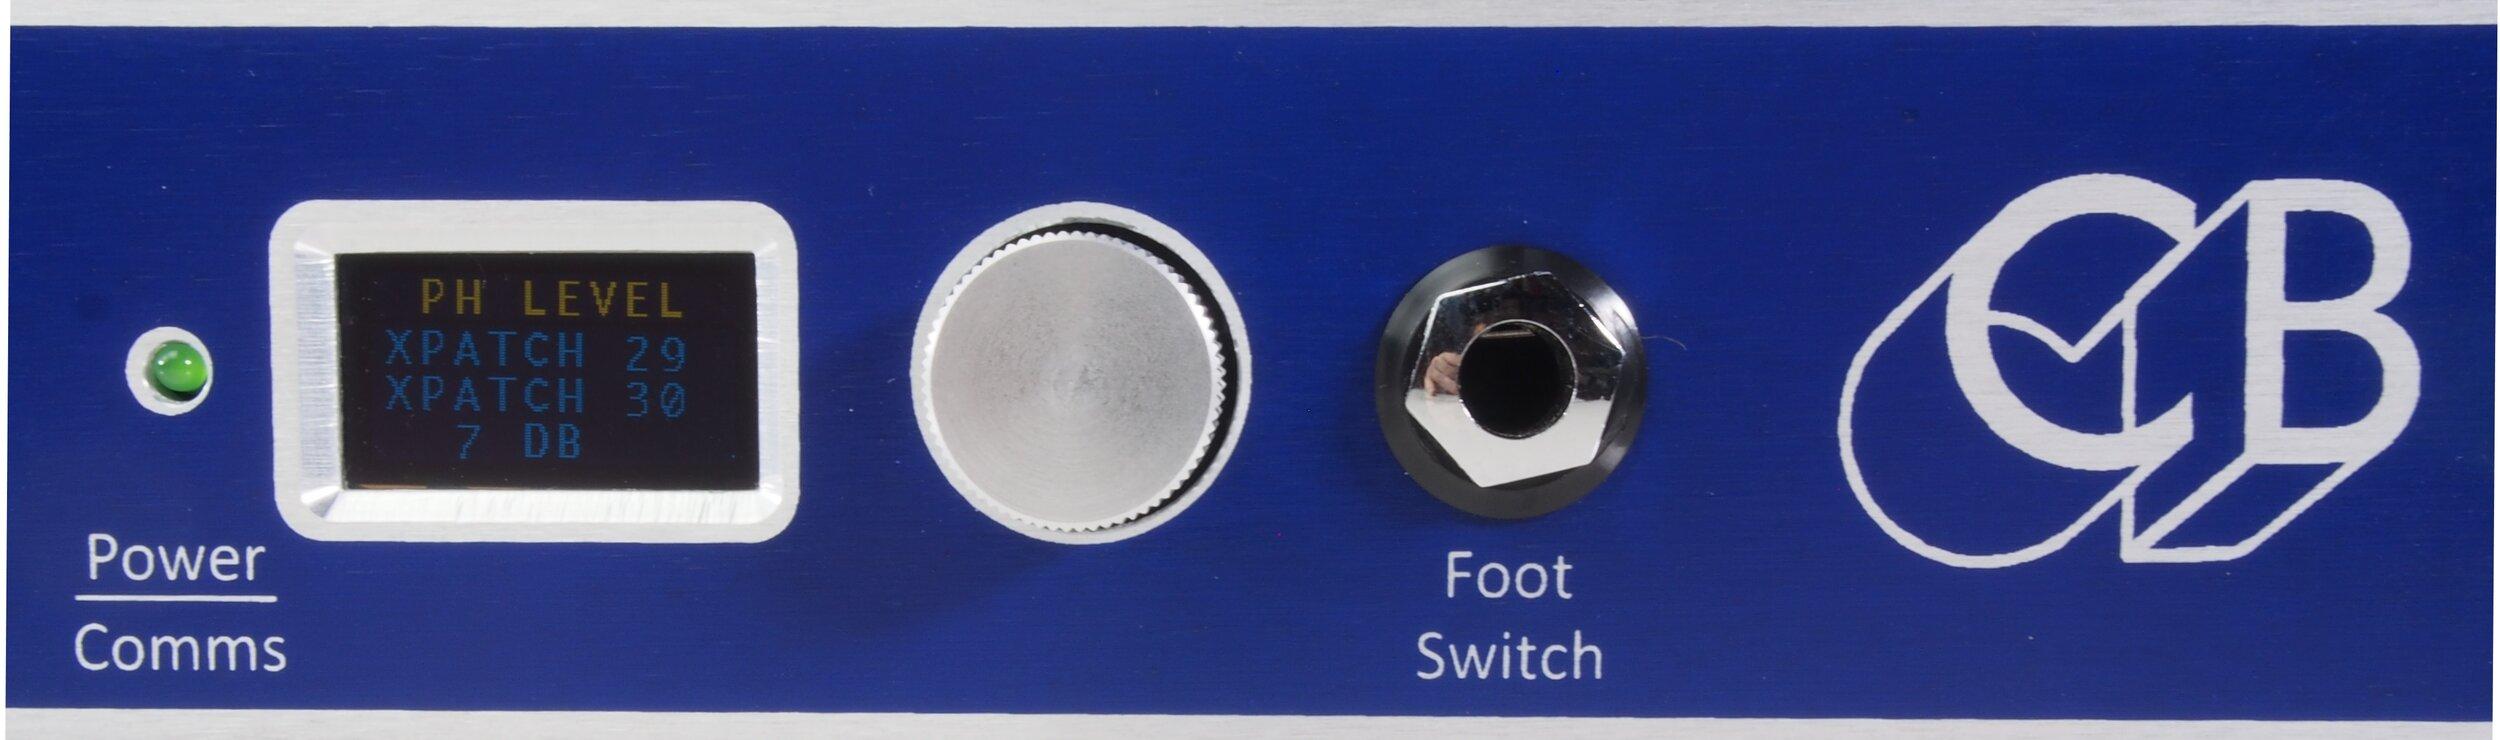 XPatch-32 F-OLED1.JPG